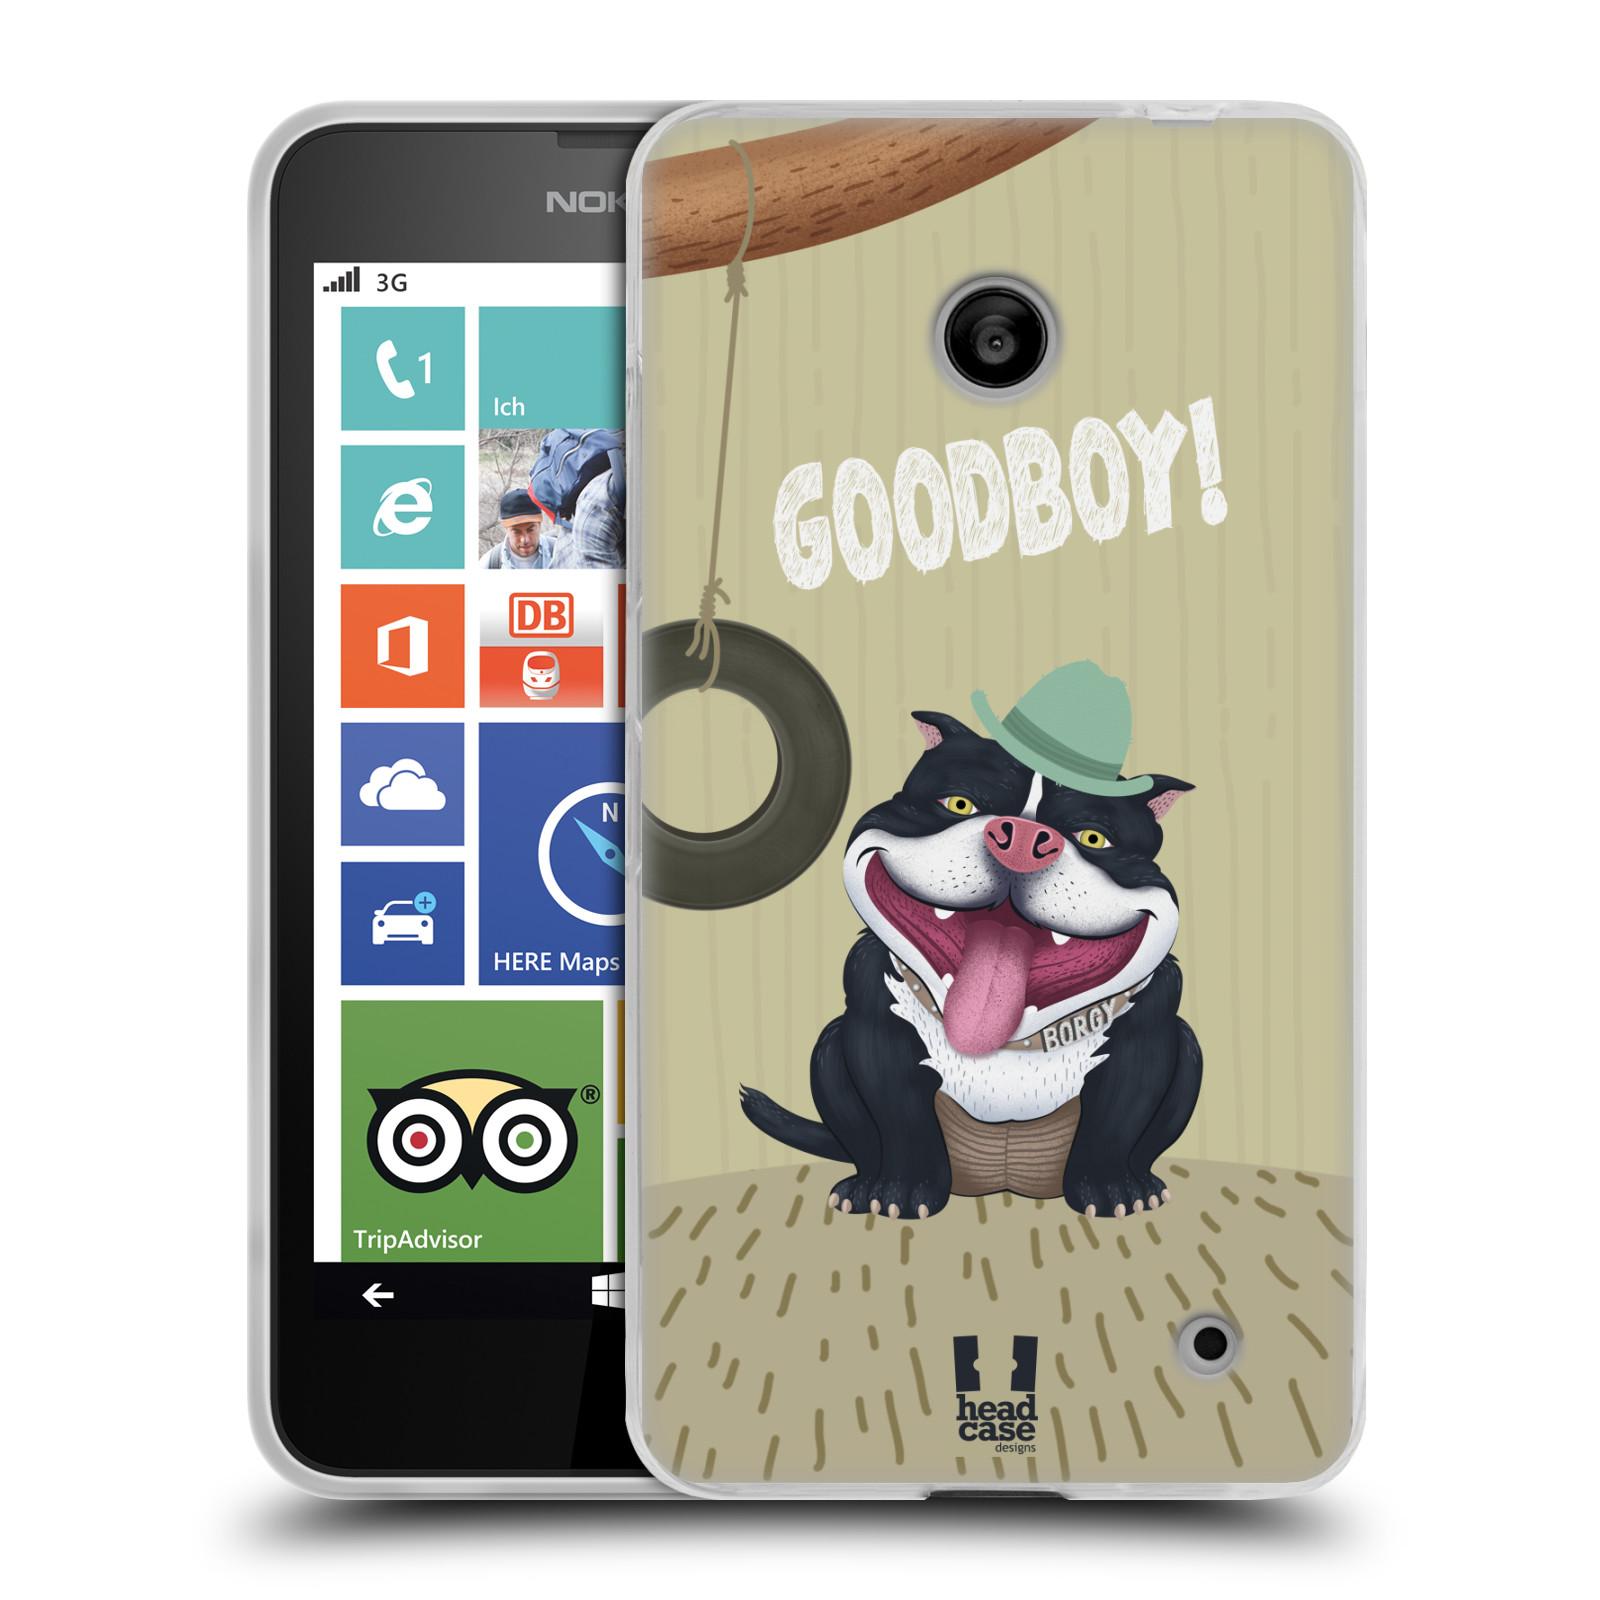 Silikonové pouzdro na mobil Nokia Lumia 630 HEAD CASE Goodboy! Pejsek (Silikonový kryt či obal na mobilní telefon Nokia Lumia 630 a Nokia Lumia 630 Dual SIM)